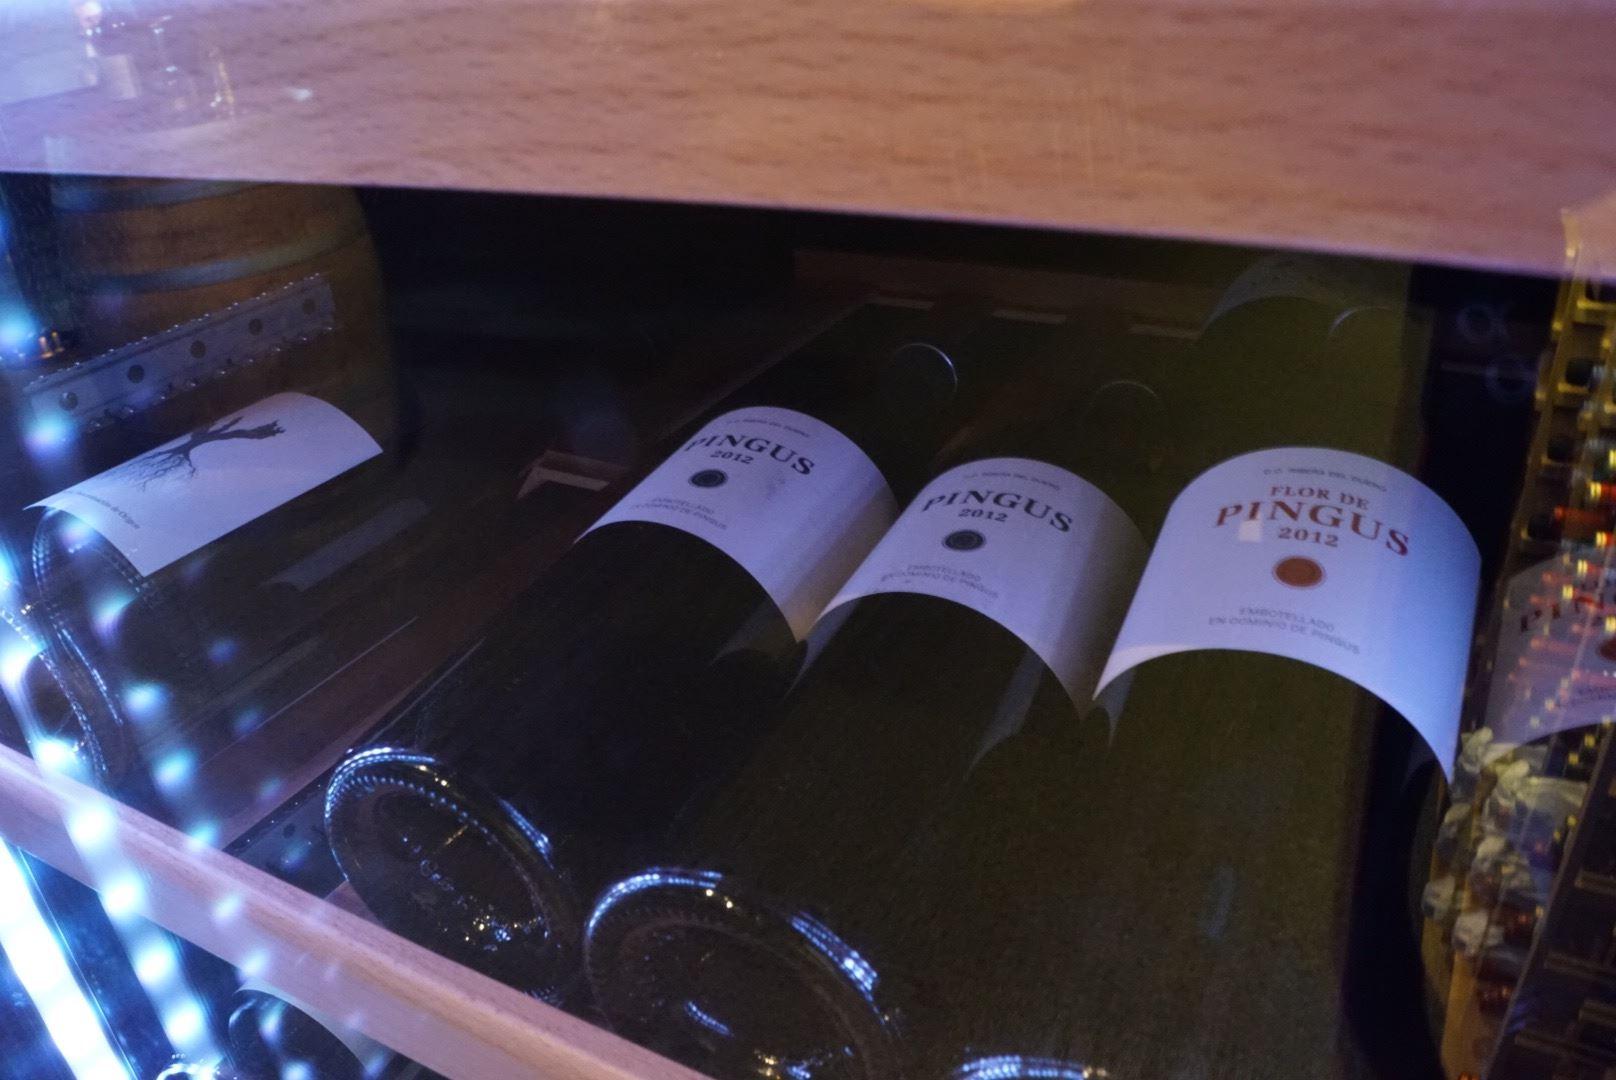 Billede af 3 Pingus vine